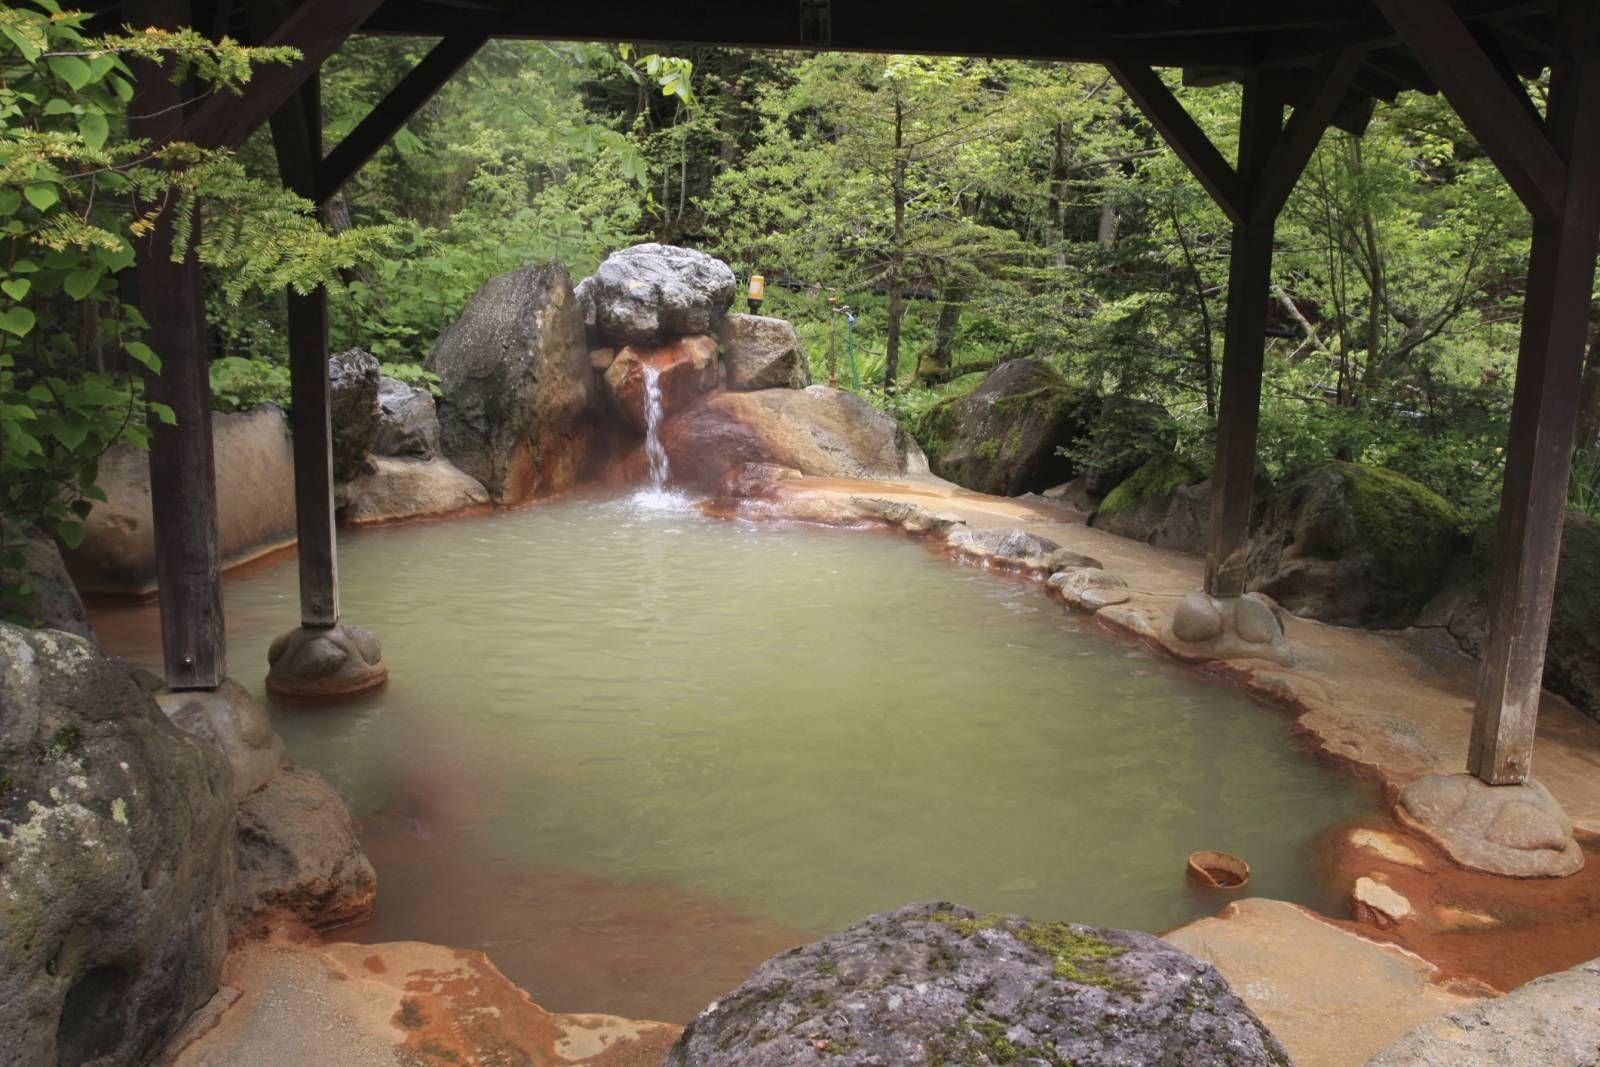 Bagno Giapponese ~ Onsen è il nome con cui i giapponesi indicano le stazioni termali